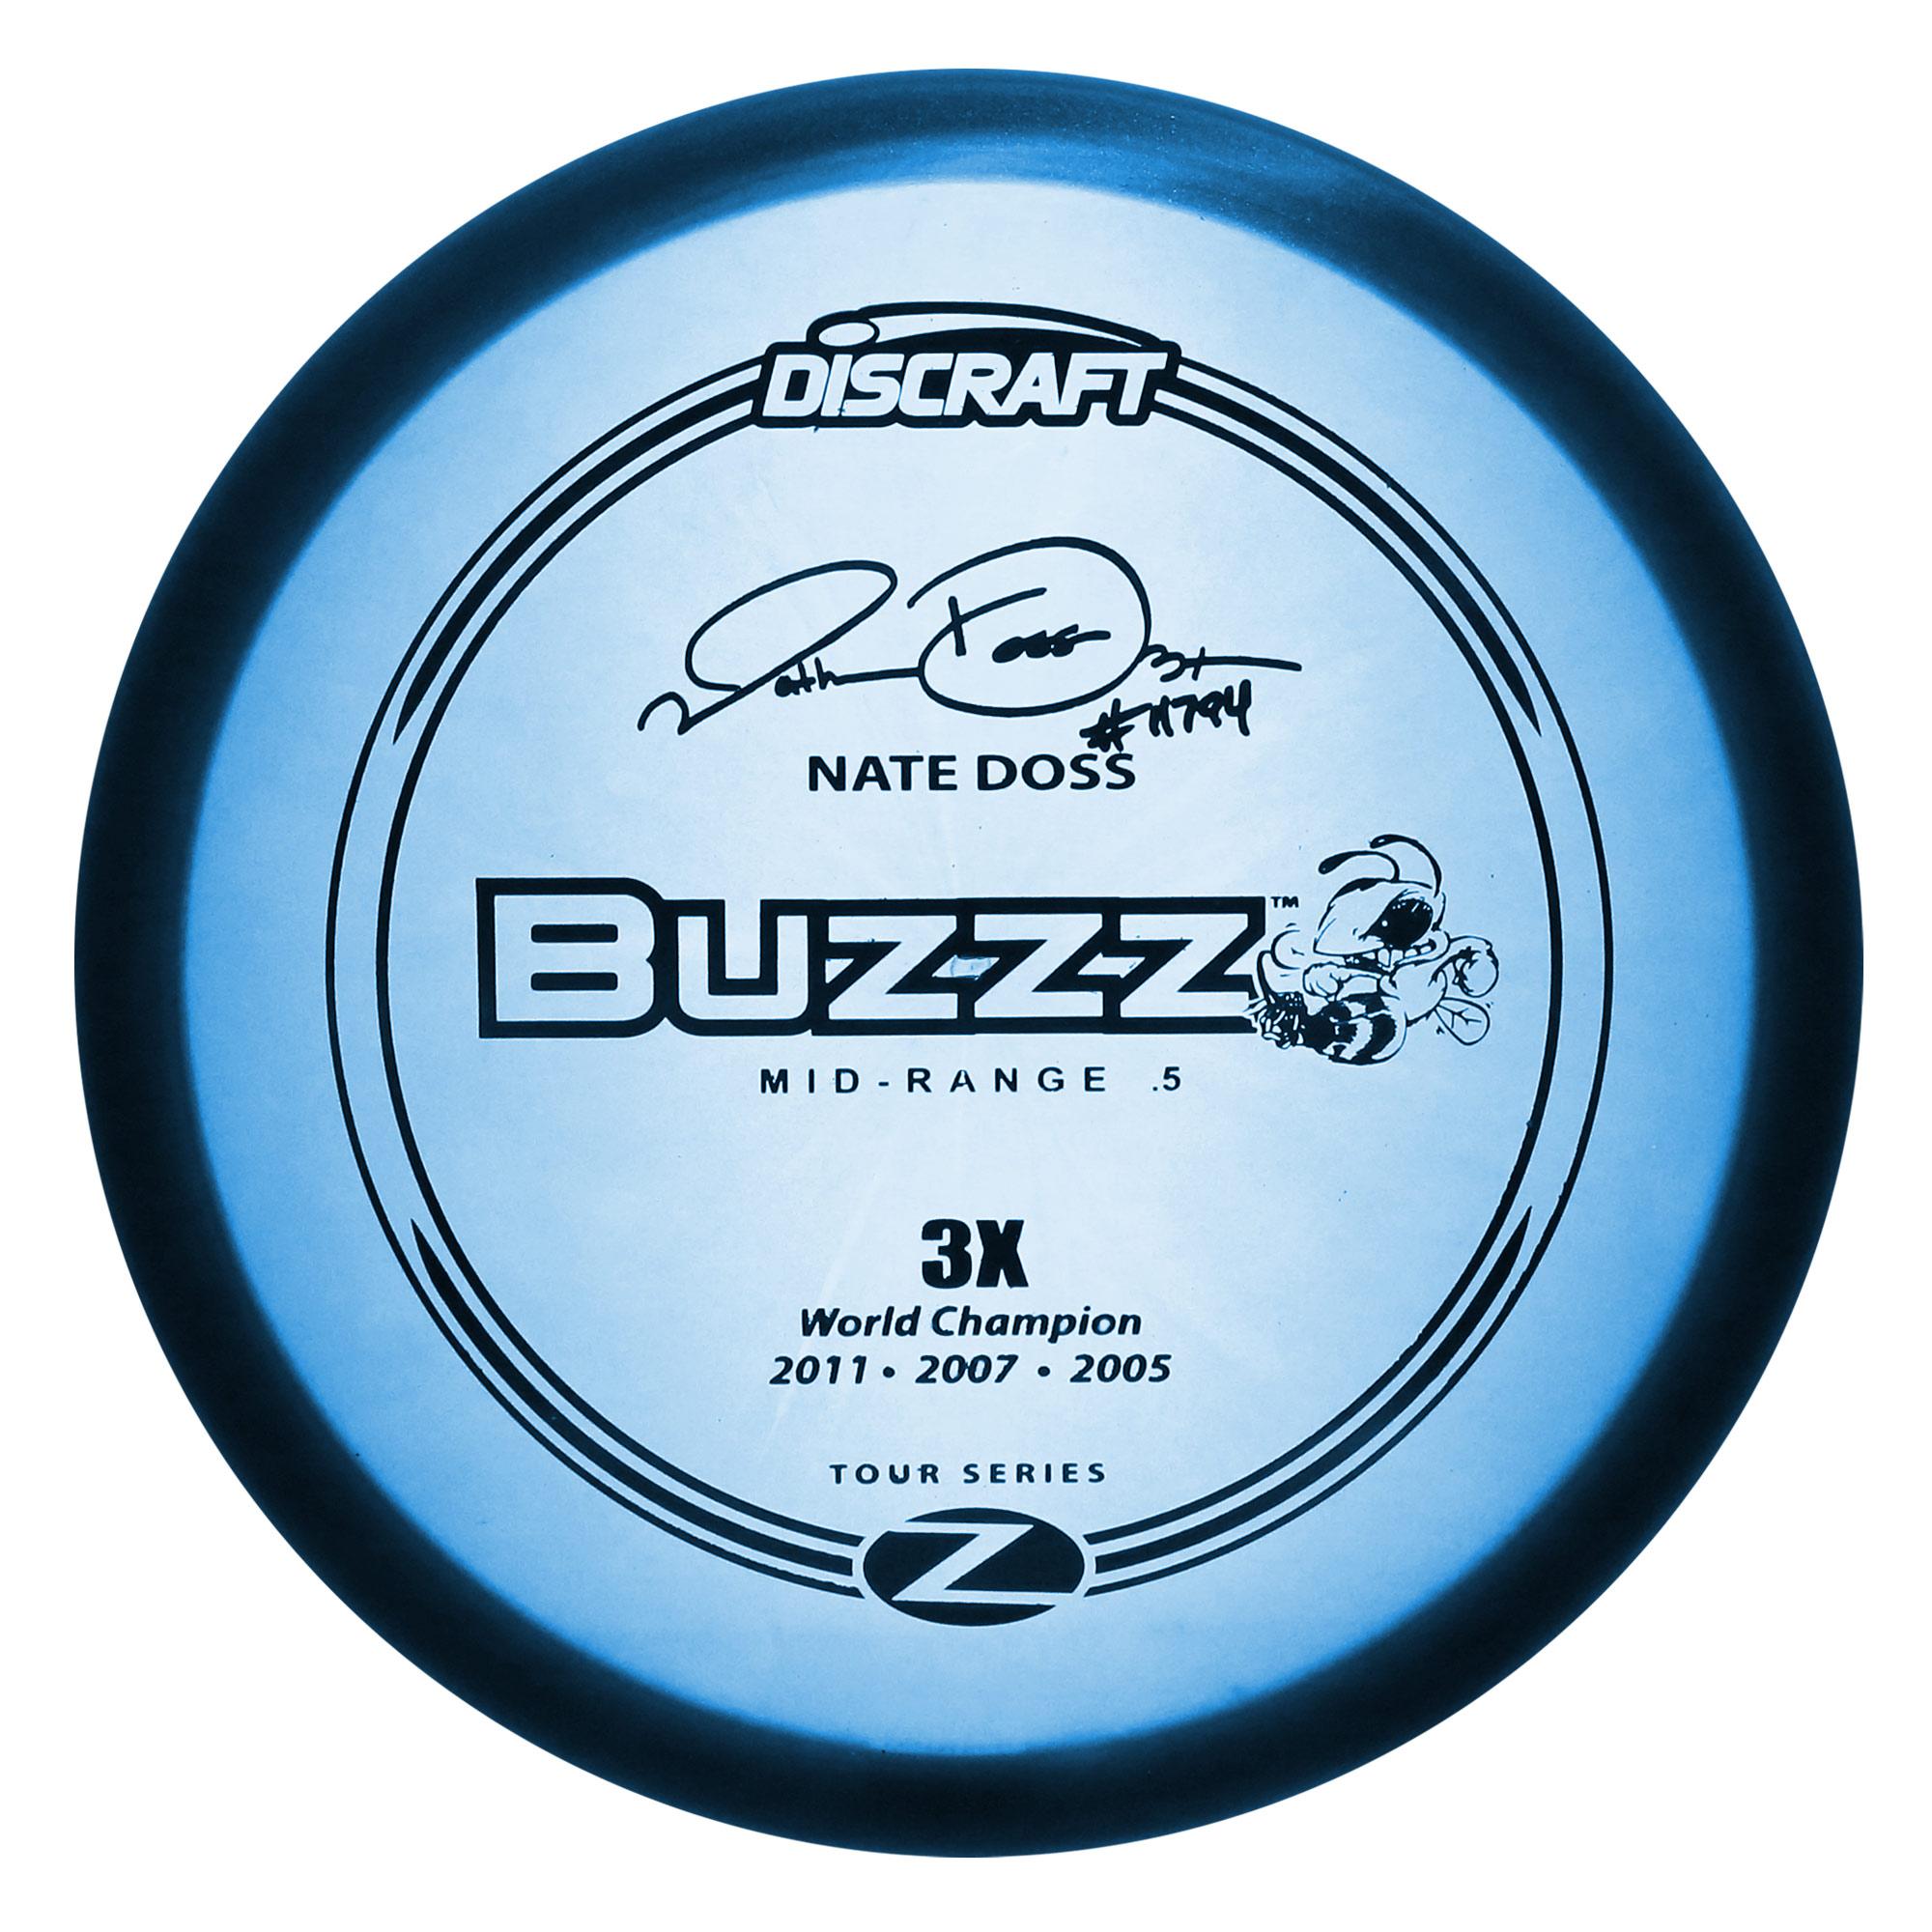 Buzzzman